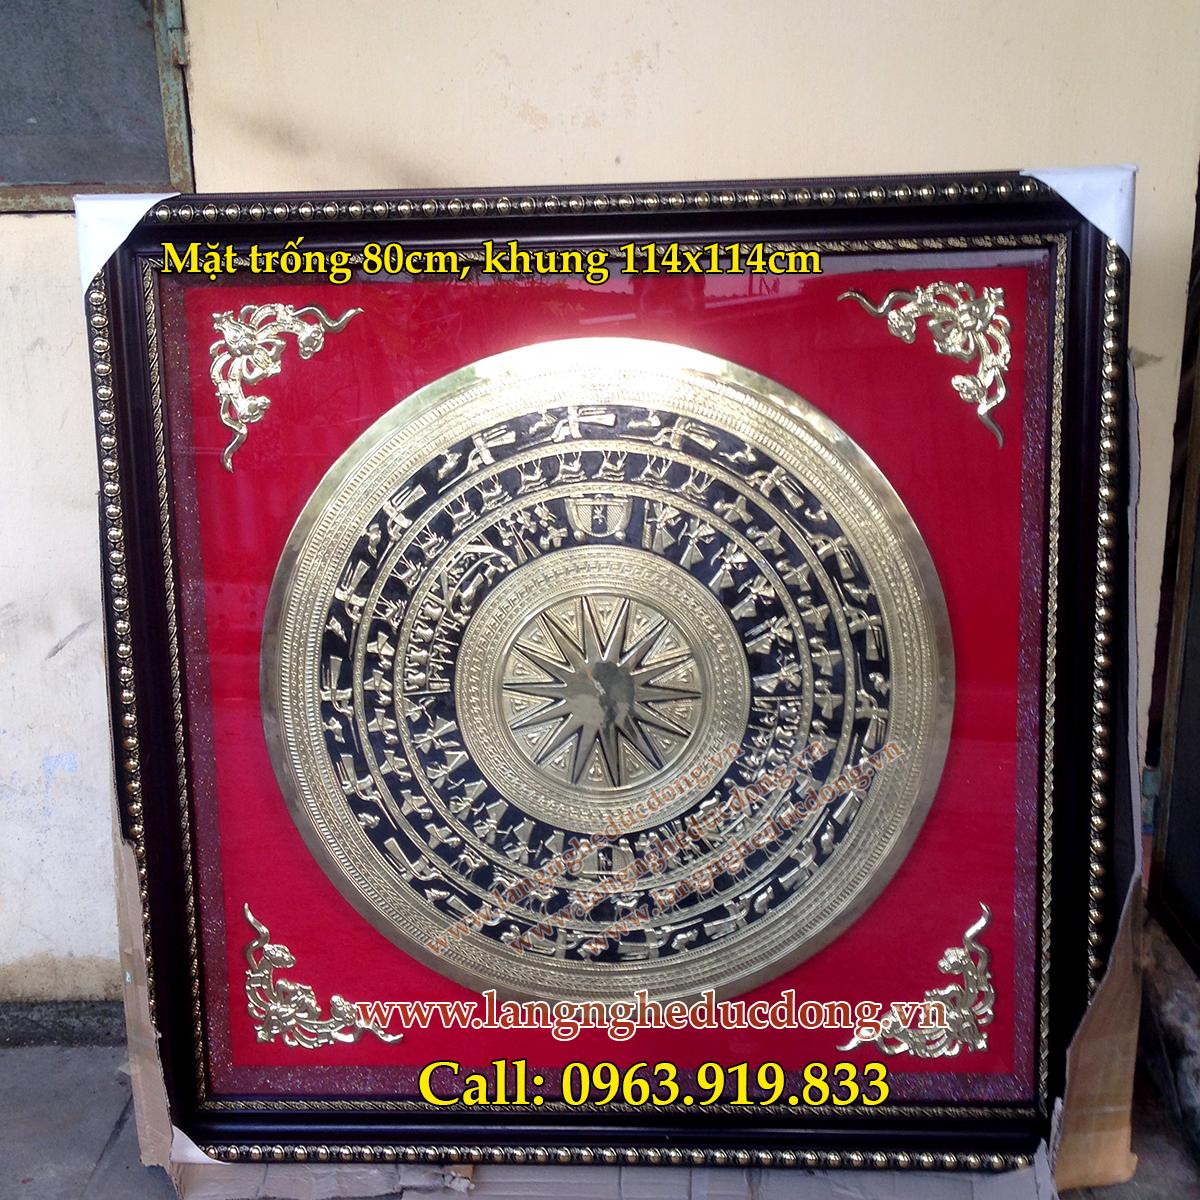 langngheducdong.vn - mặt trống đồng, tranh trang trí phòng họp phòng khách